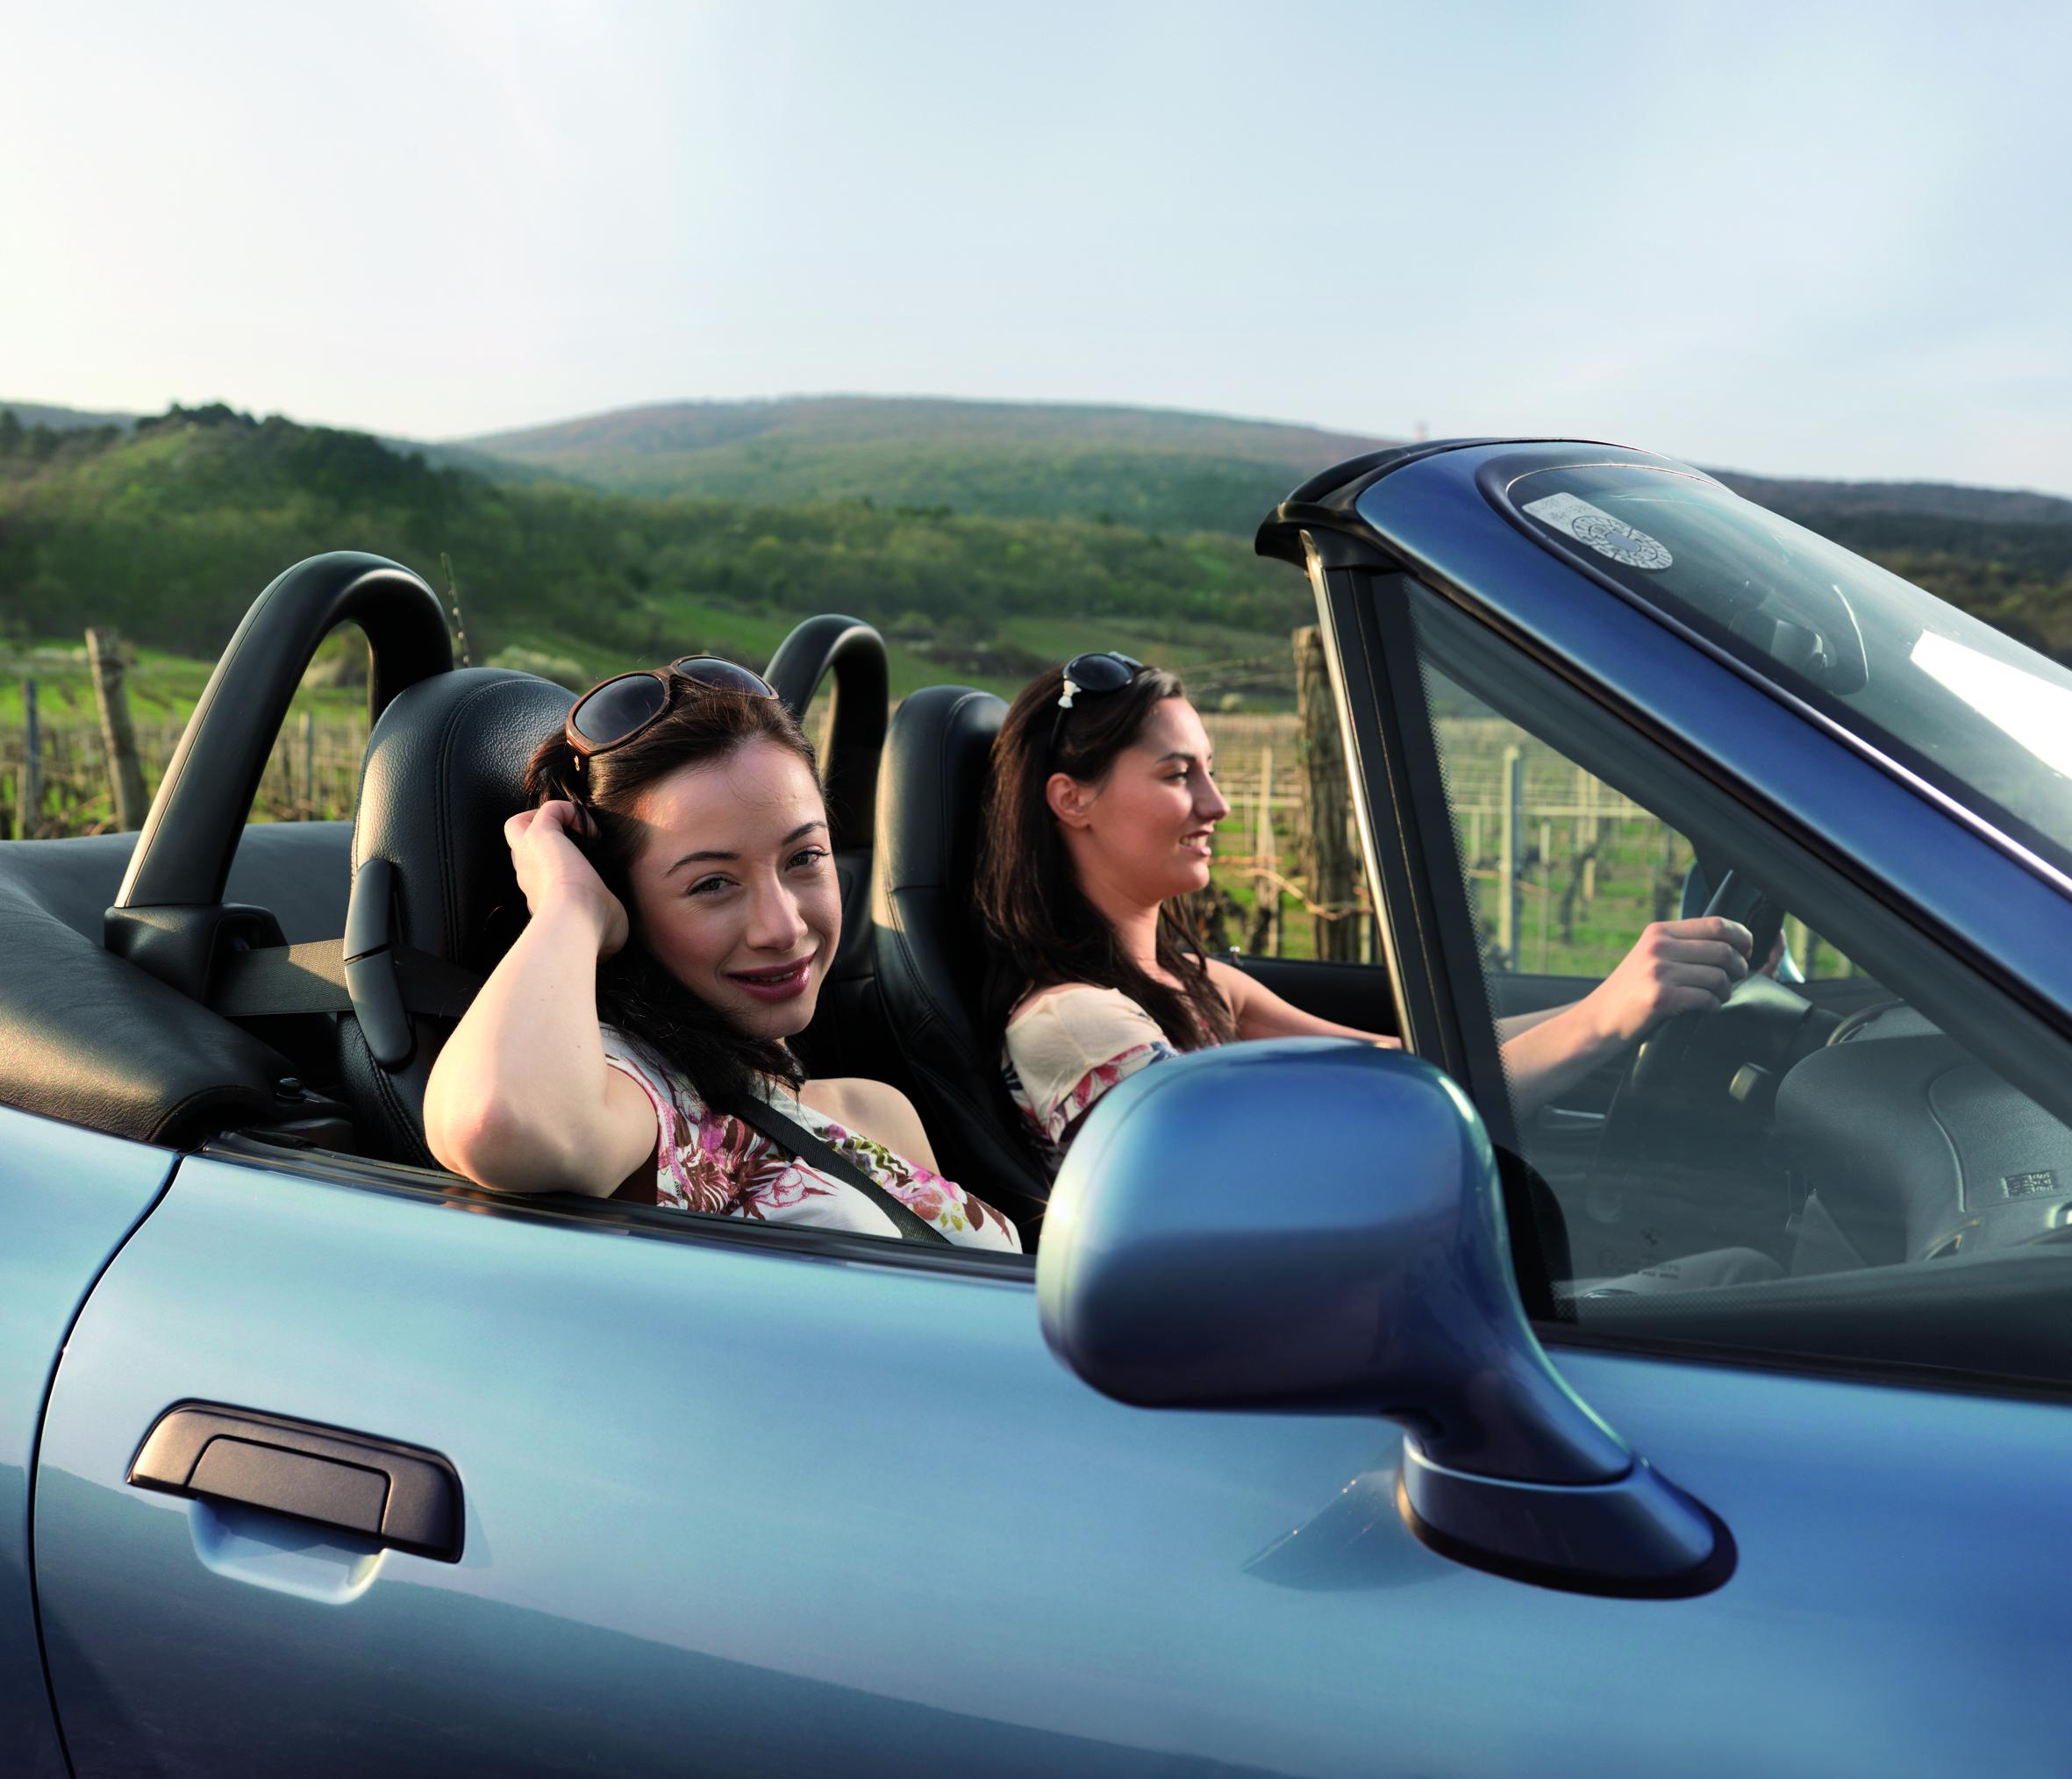 Dvije mlade djevojke u kabriolet automobilu se voze sa osmijehom, a u pozadini se vidi lijep pejzaž vinograda.